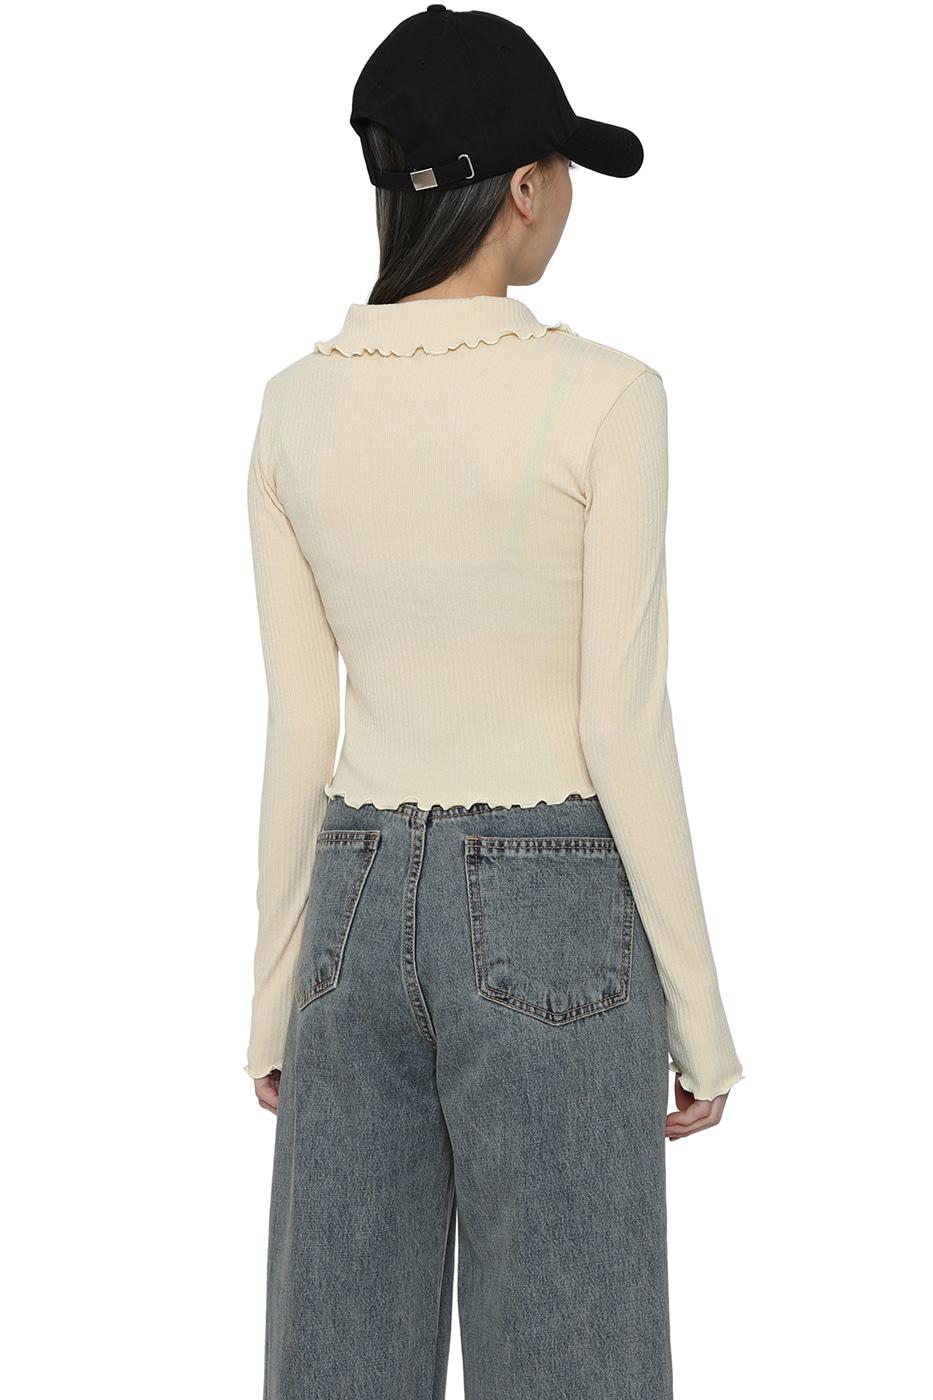 Rolling collar zip-up casual top